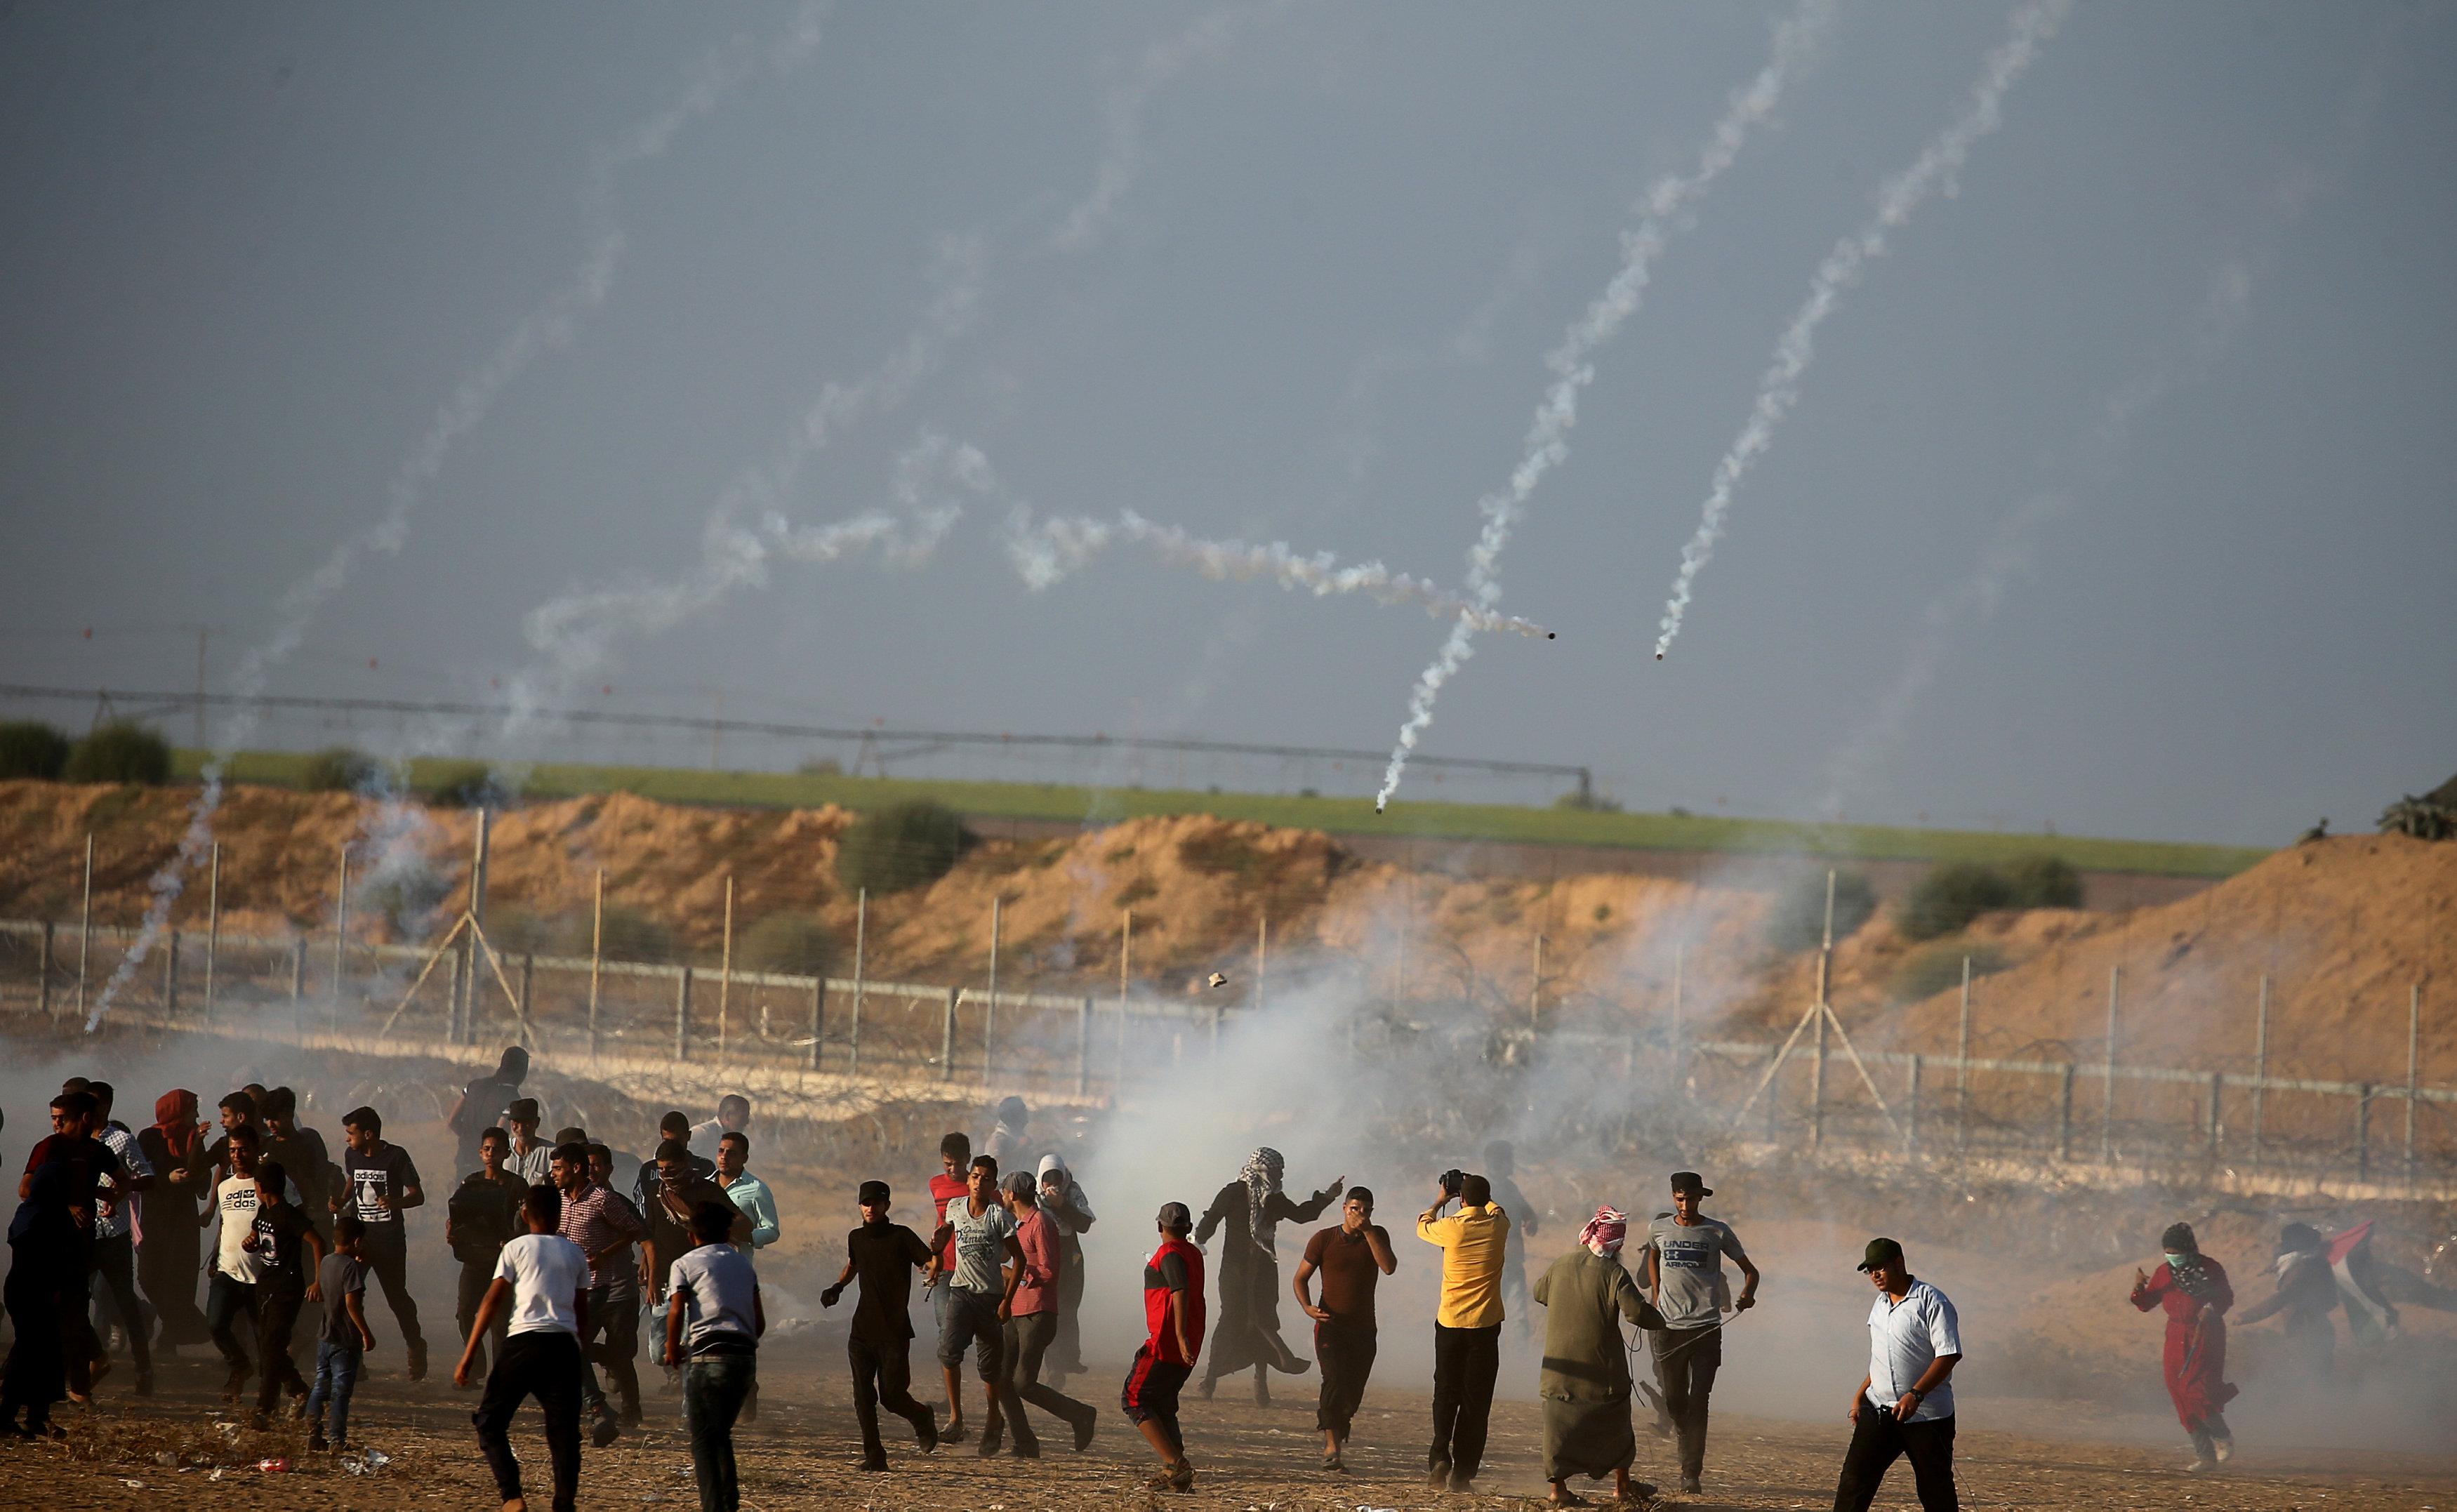 اشتباكات بين الفلسطينيين والااحتلال الإسرائيلى